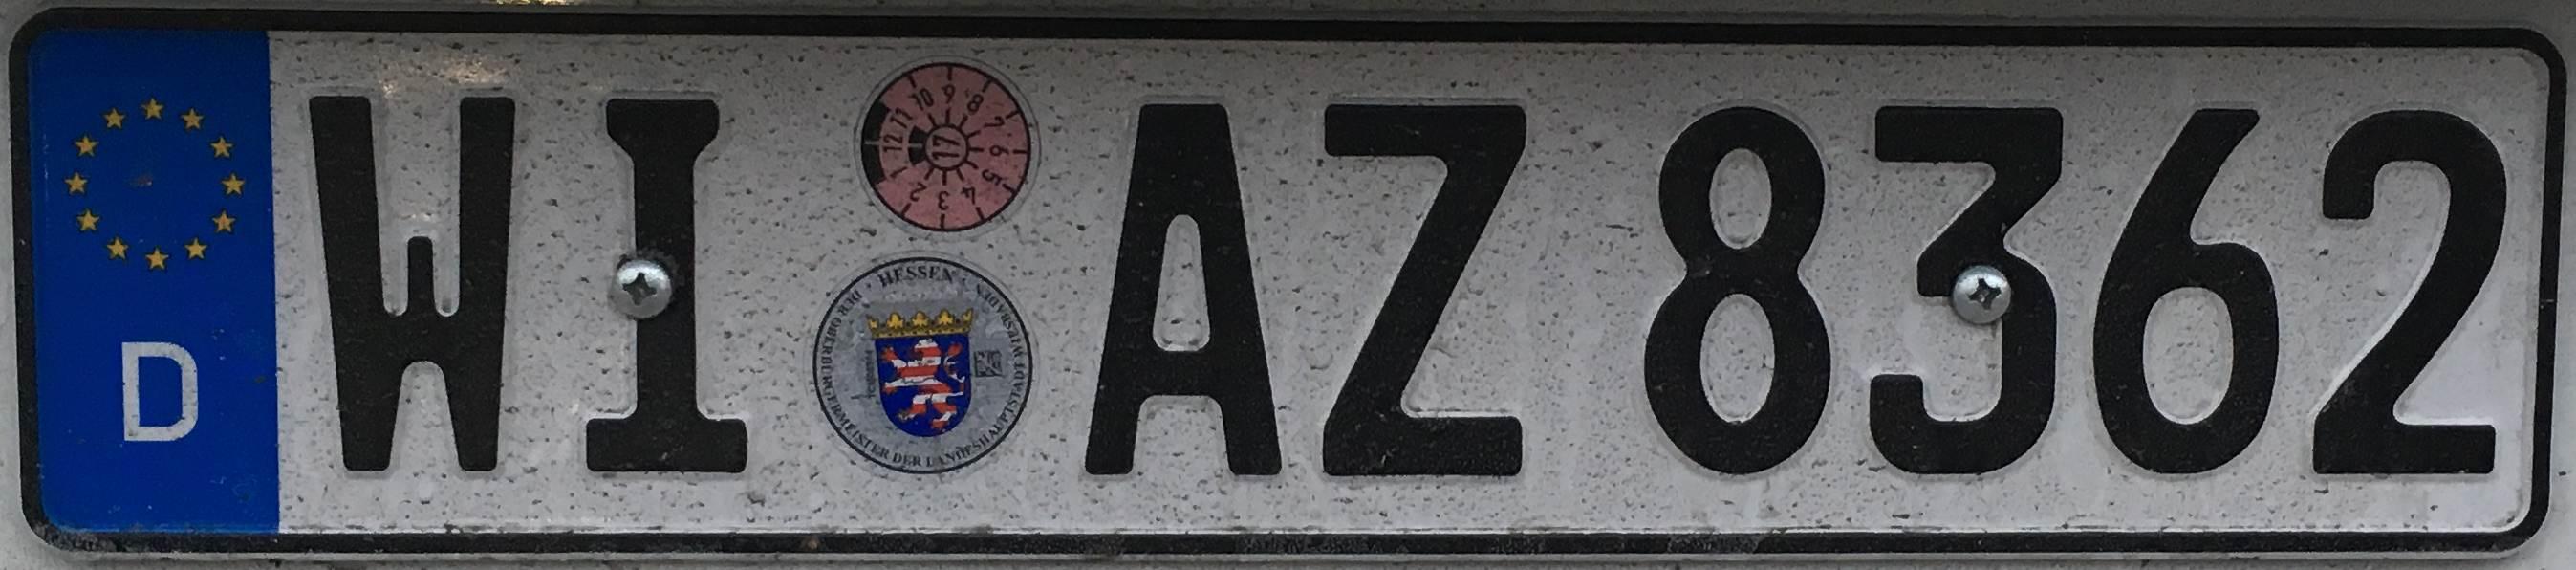 Registrační značky Německo - WI - Wiesbaden, foto: www.podalnici.cz